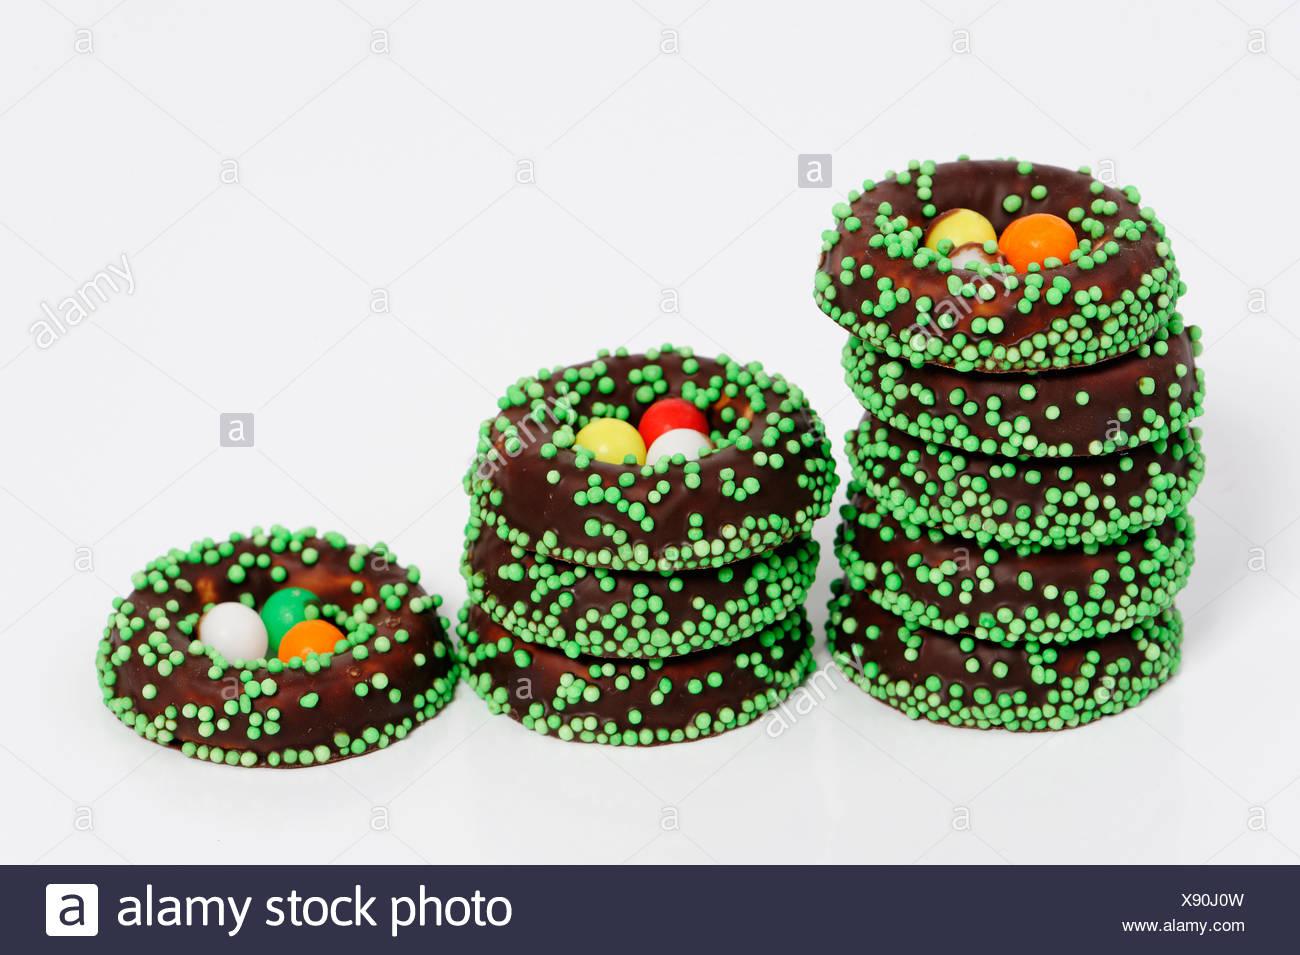 foto Lemon Easter Egg Cakes